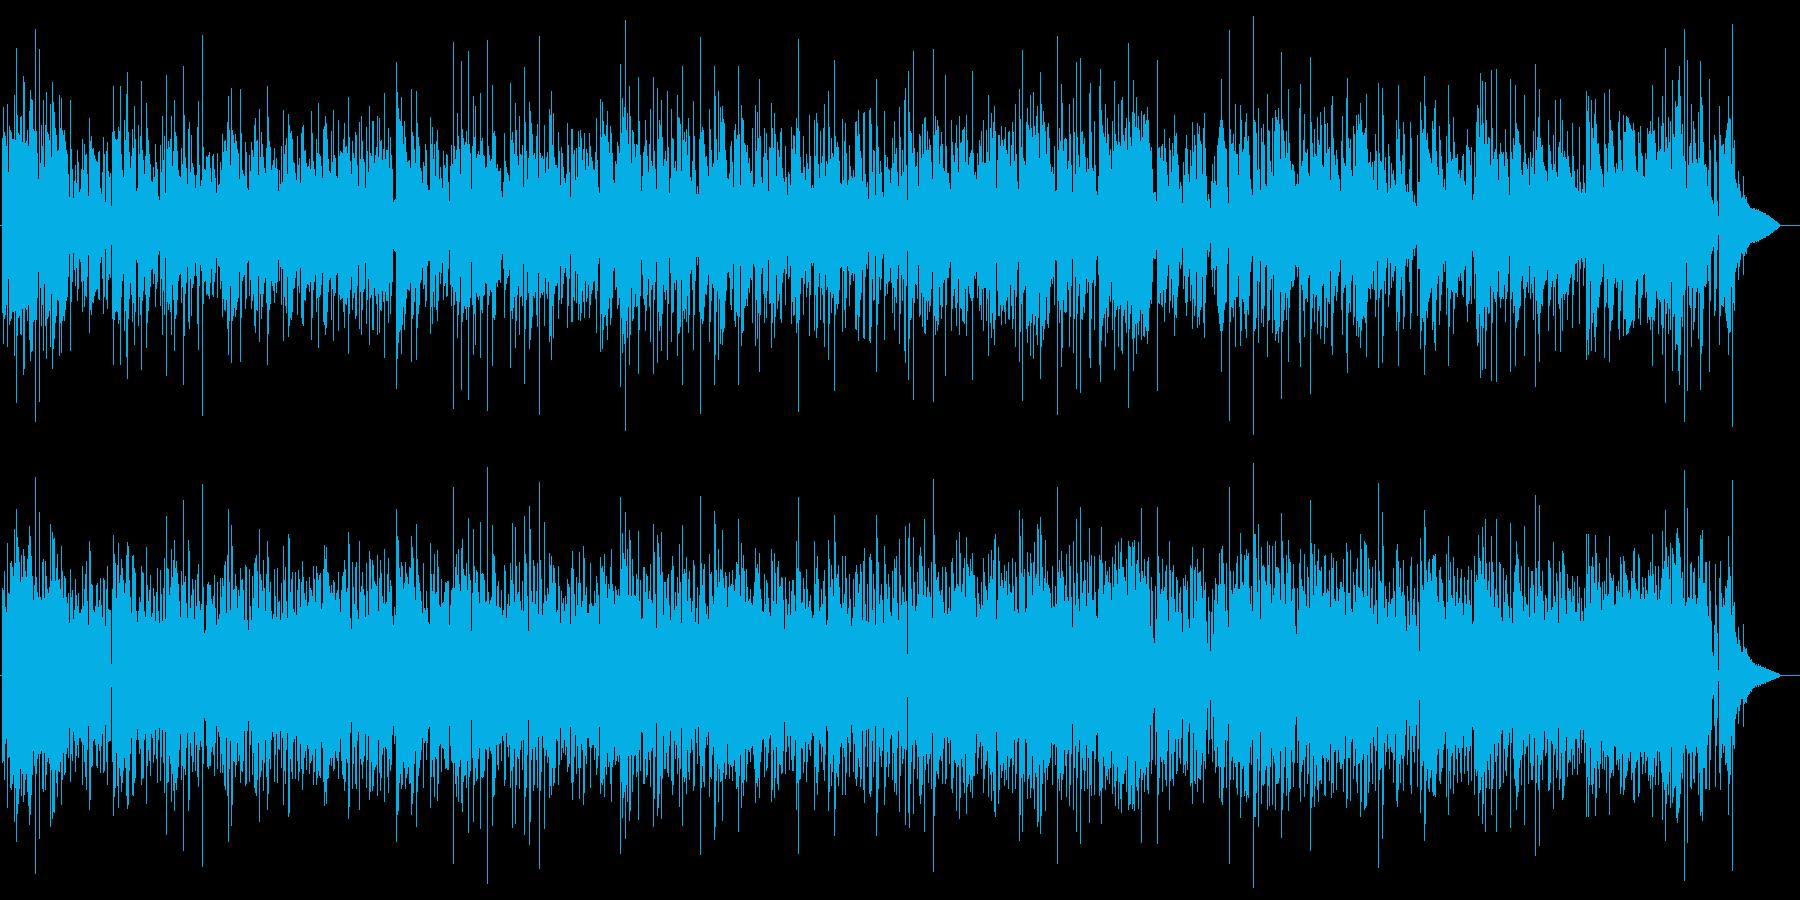 アルハンブラの想い出Jazzの再生済みの波形